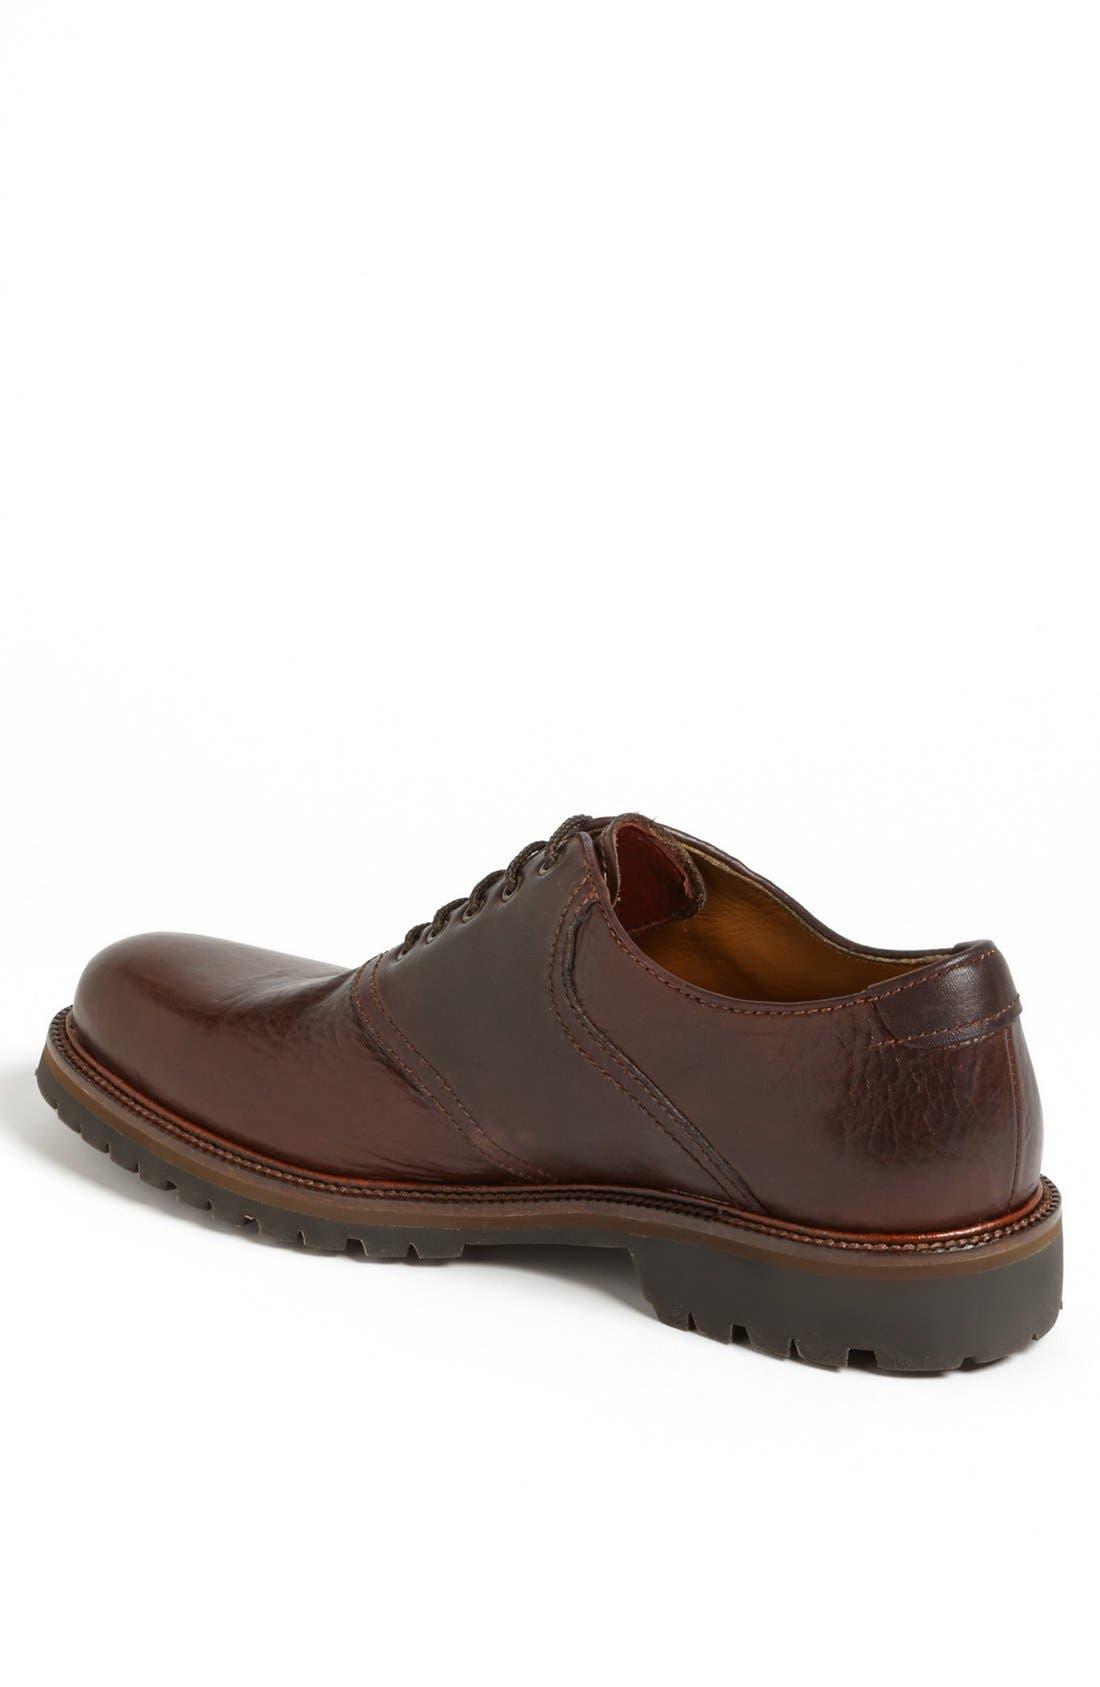 Alternate Image 2  - Trask 'Garland' Saddle Shoe (Men) (Online Only)